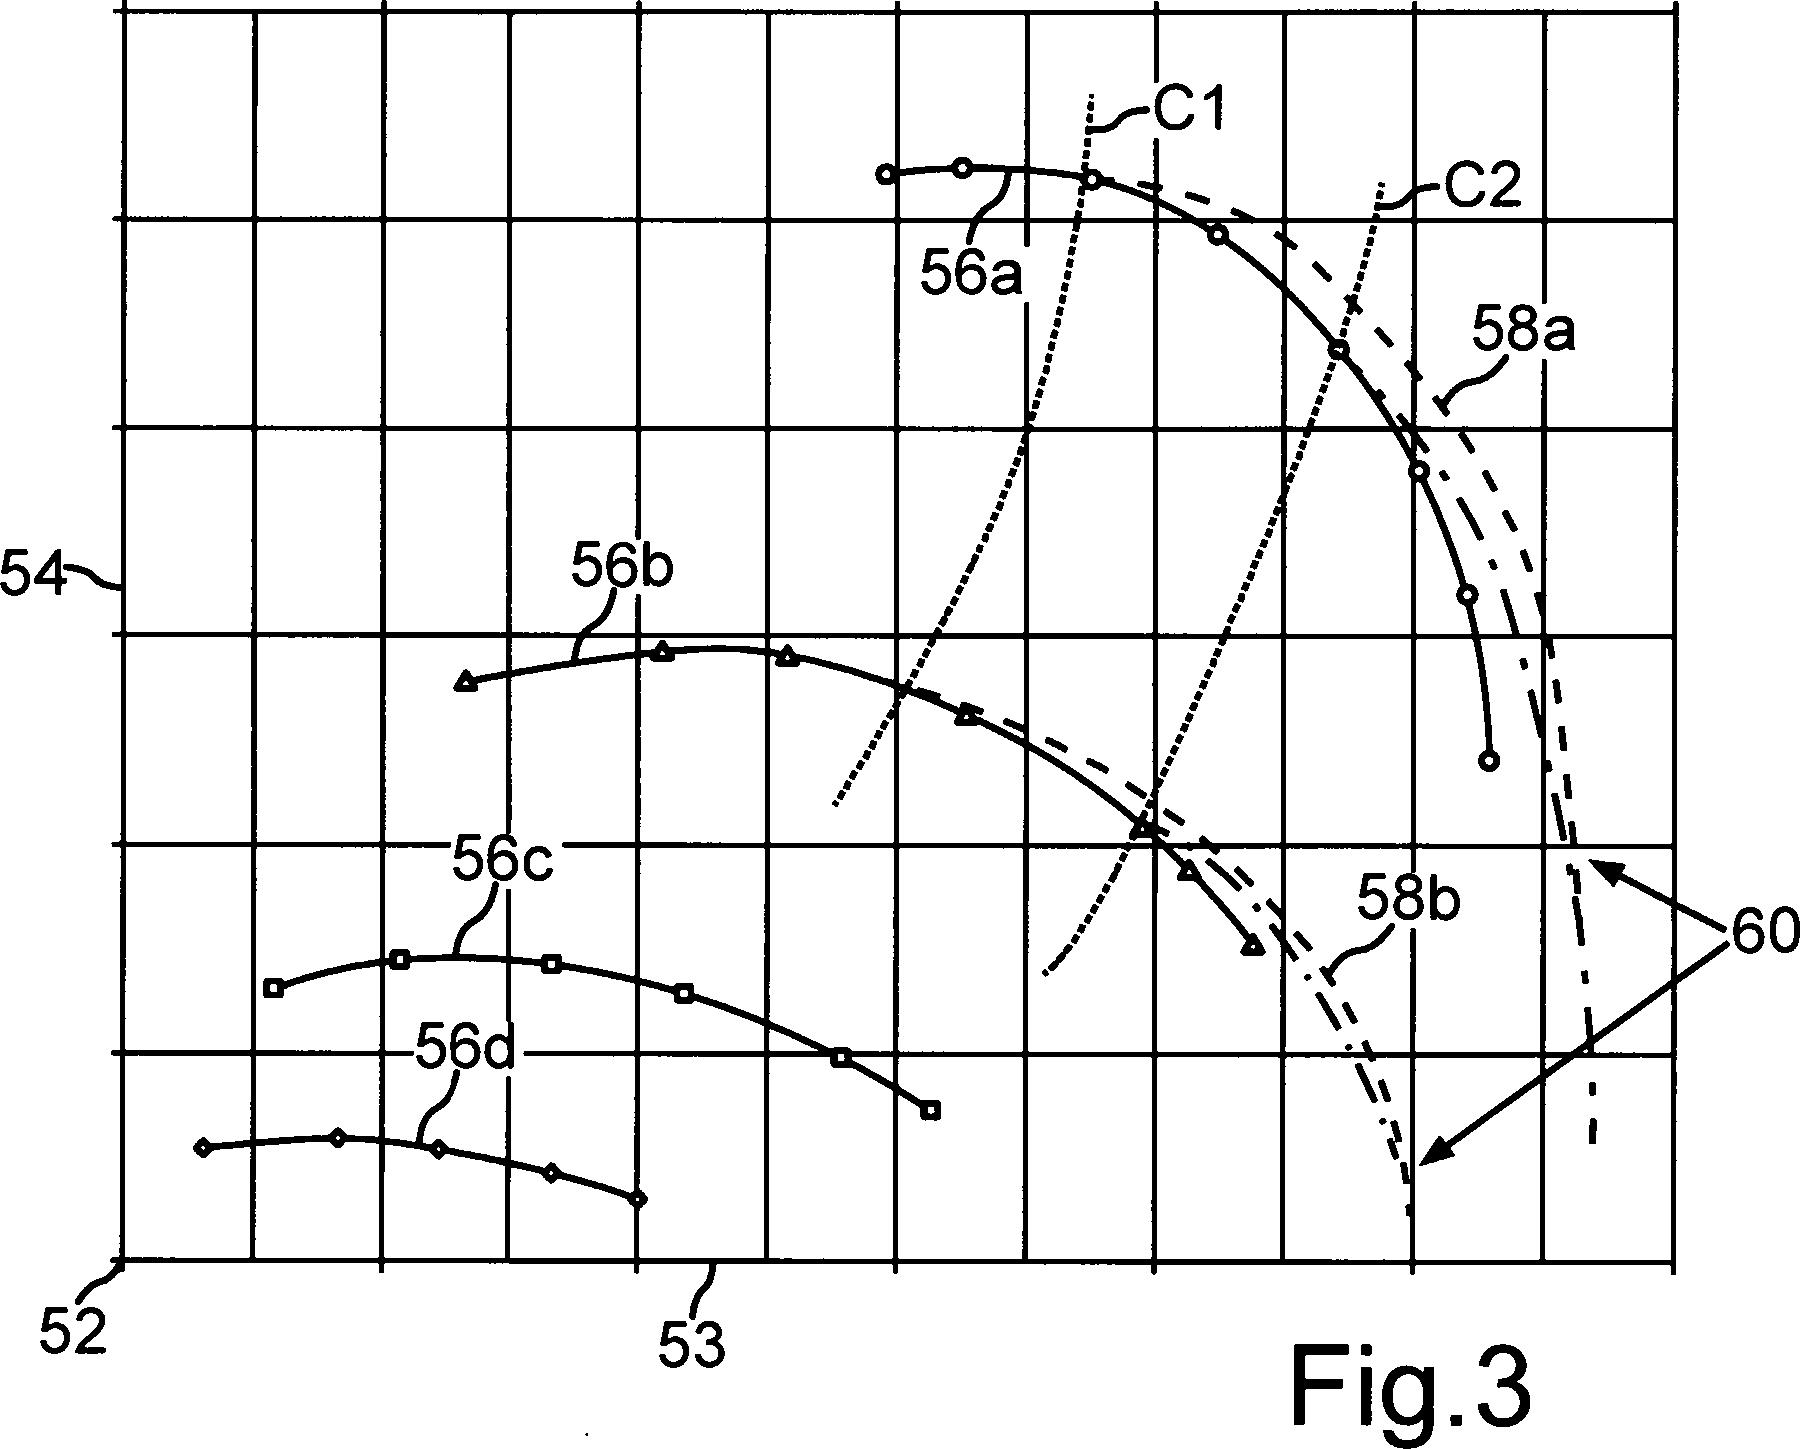 Großartig Systemdiagramm Bilder - Schaltplan Serie Circuit ...